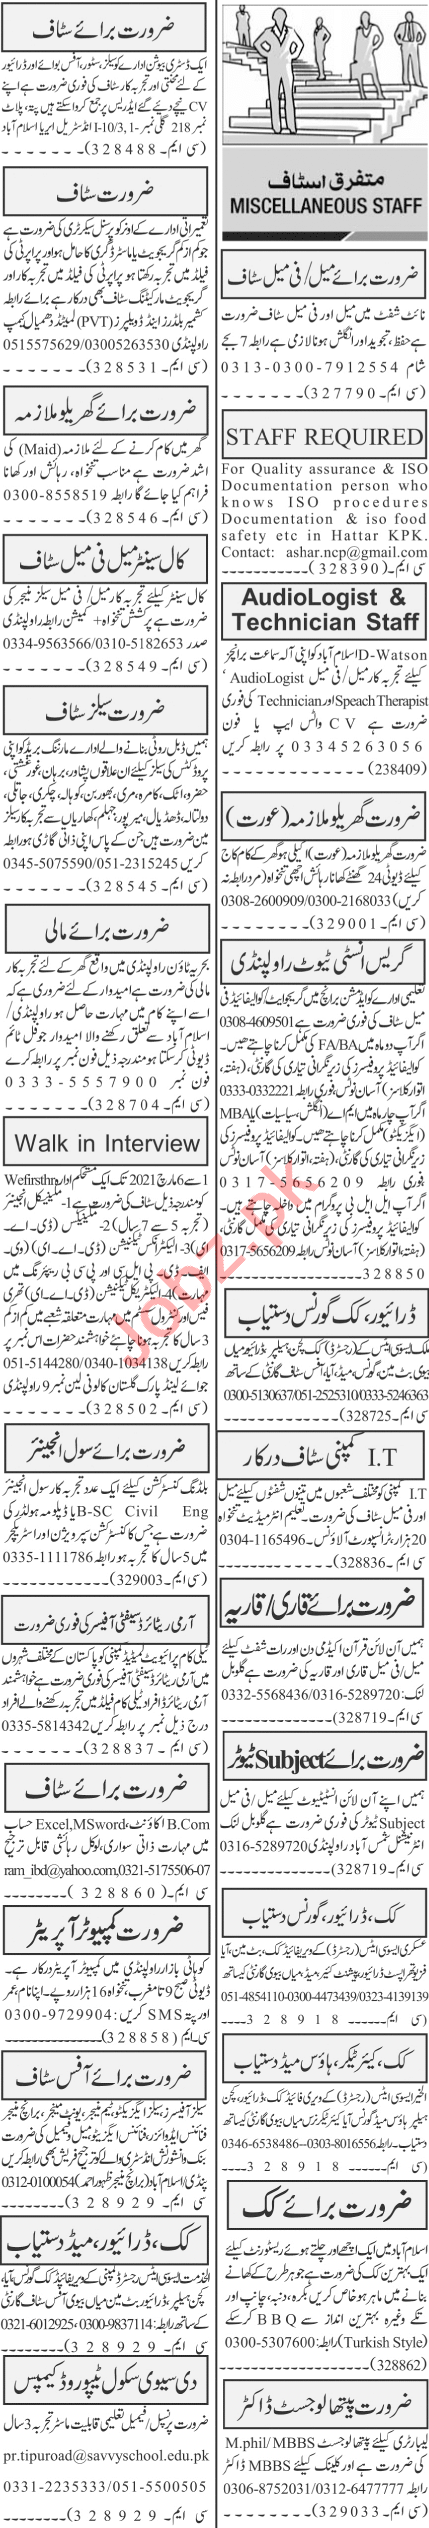 Jang Sunday Rawalpindi Classified Ads 28th Feb 2021